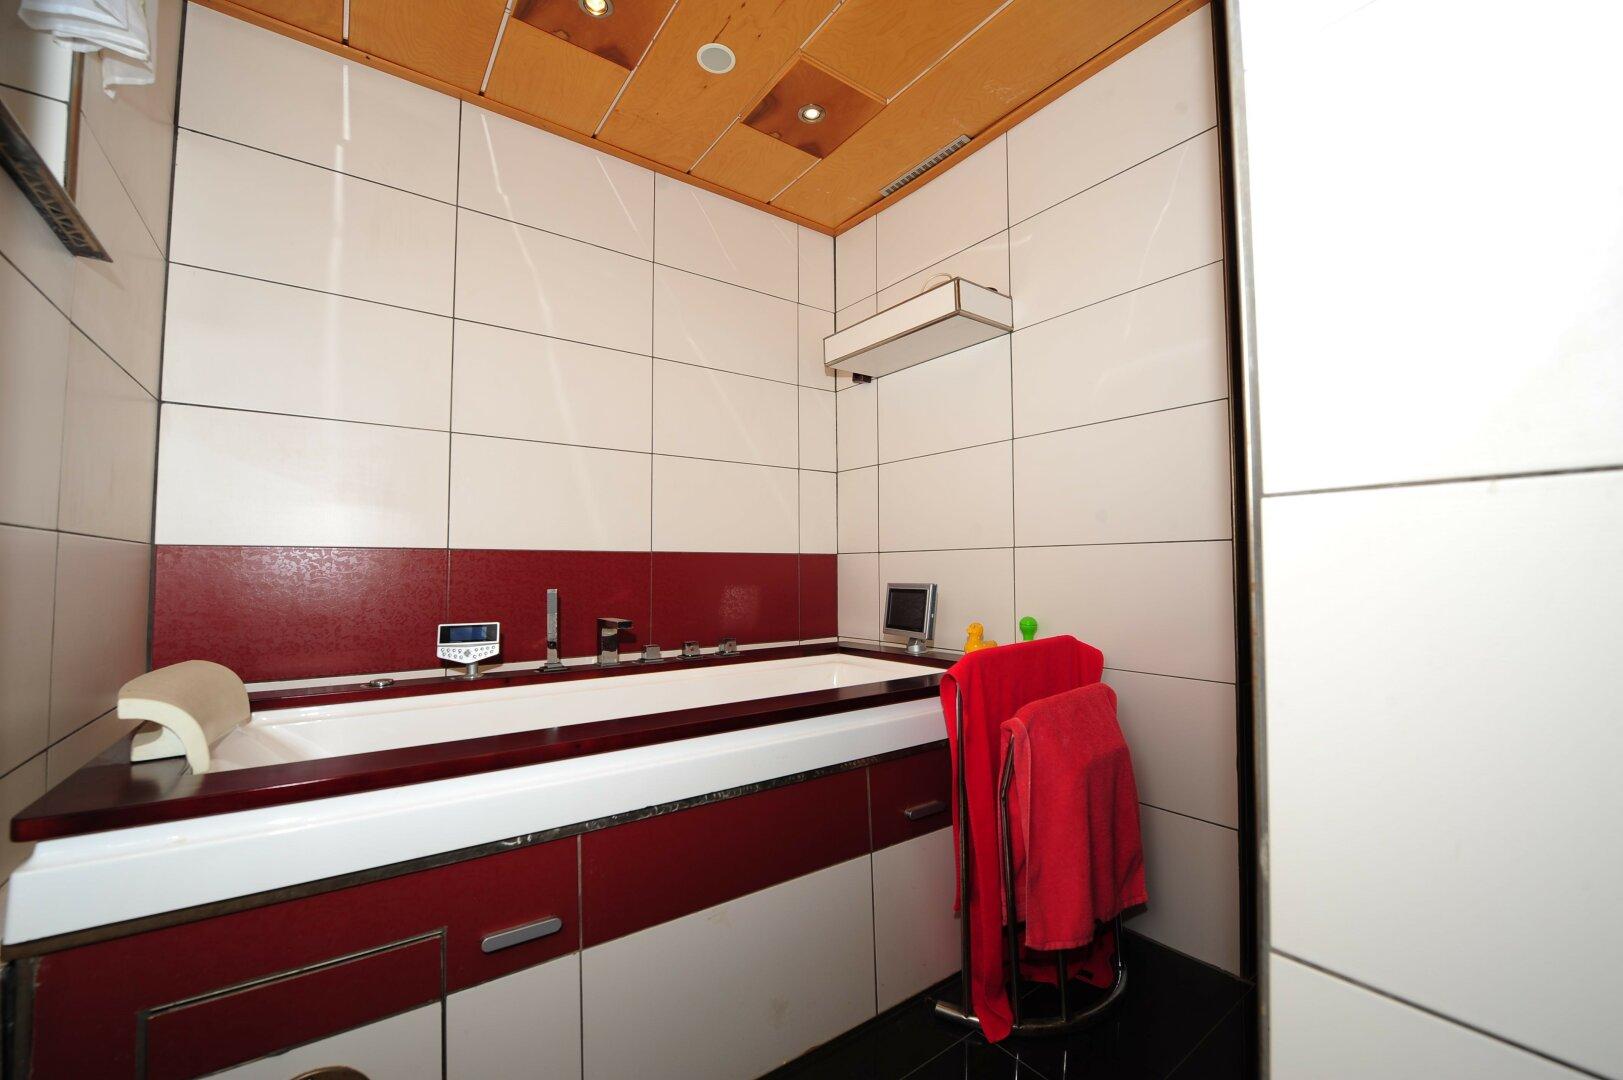 Badezimmer mit angrenzender Sauna in Mehrfamilienhaus